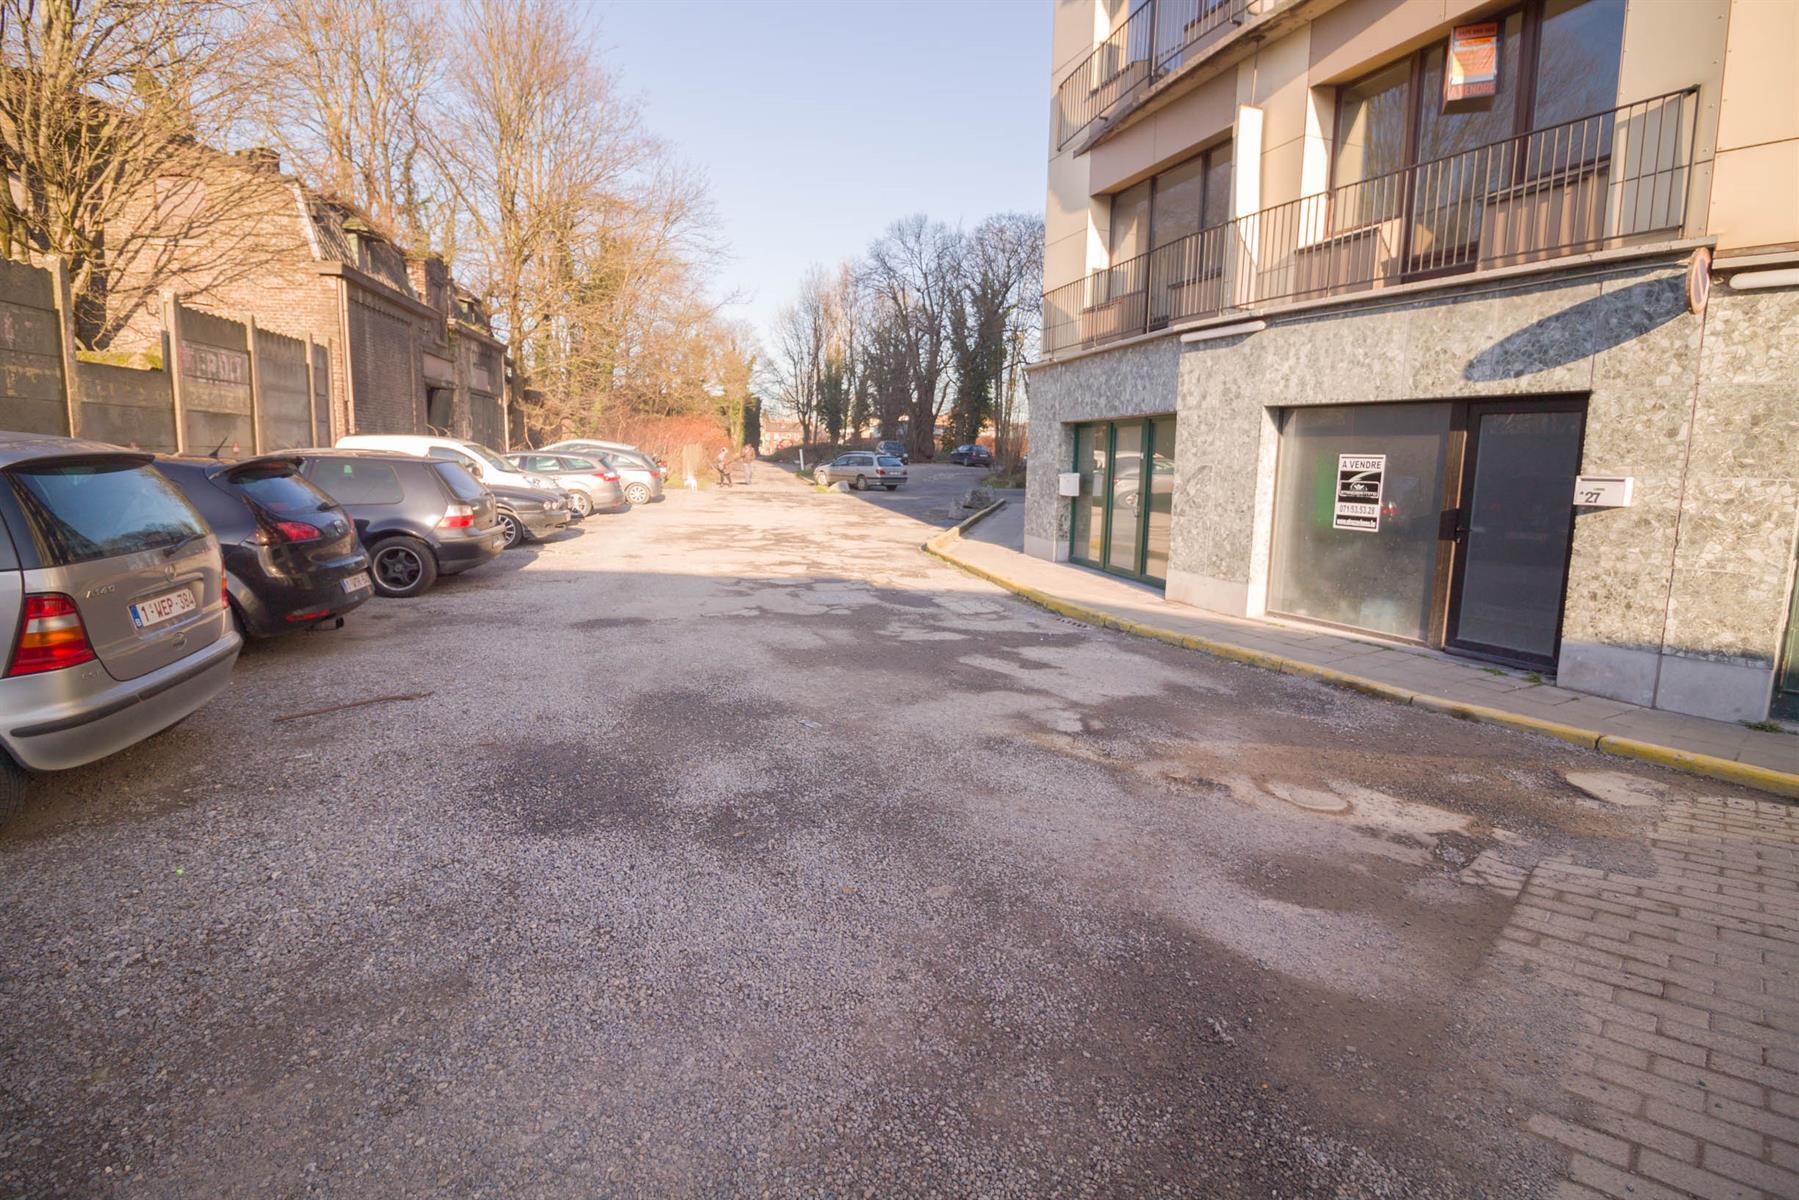 Rez-de-chaussée - Charleroi - #4238324-37